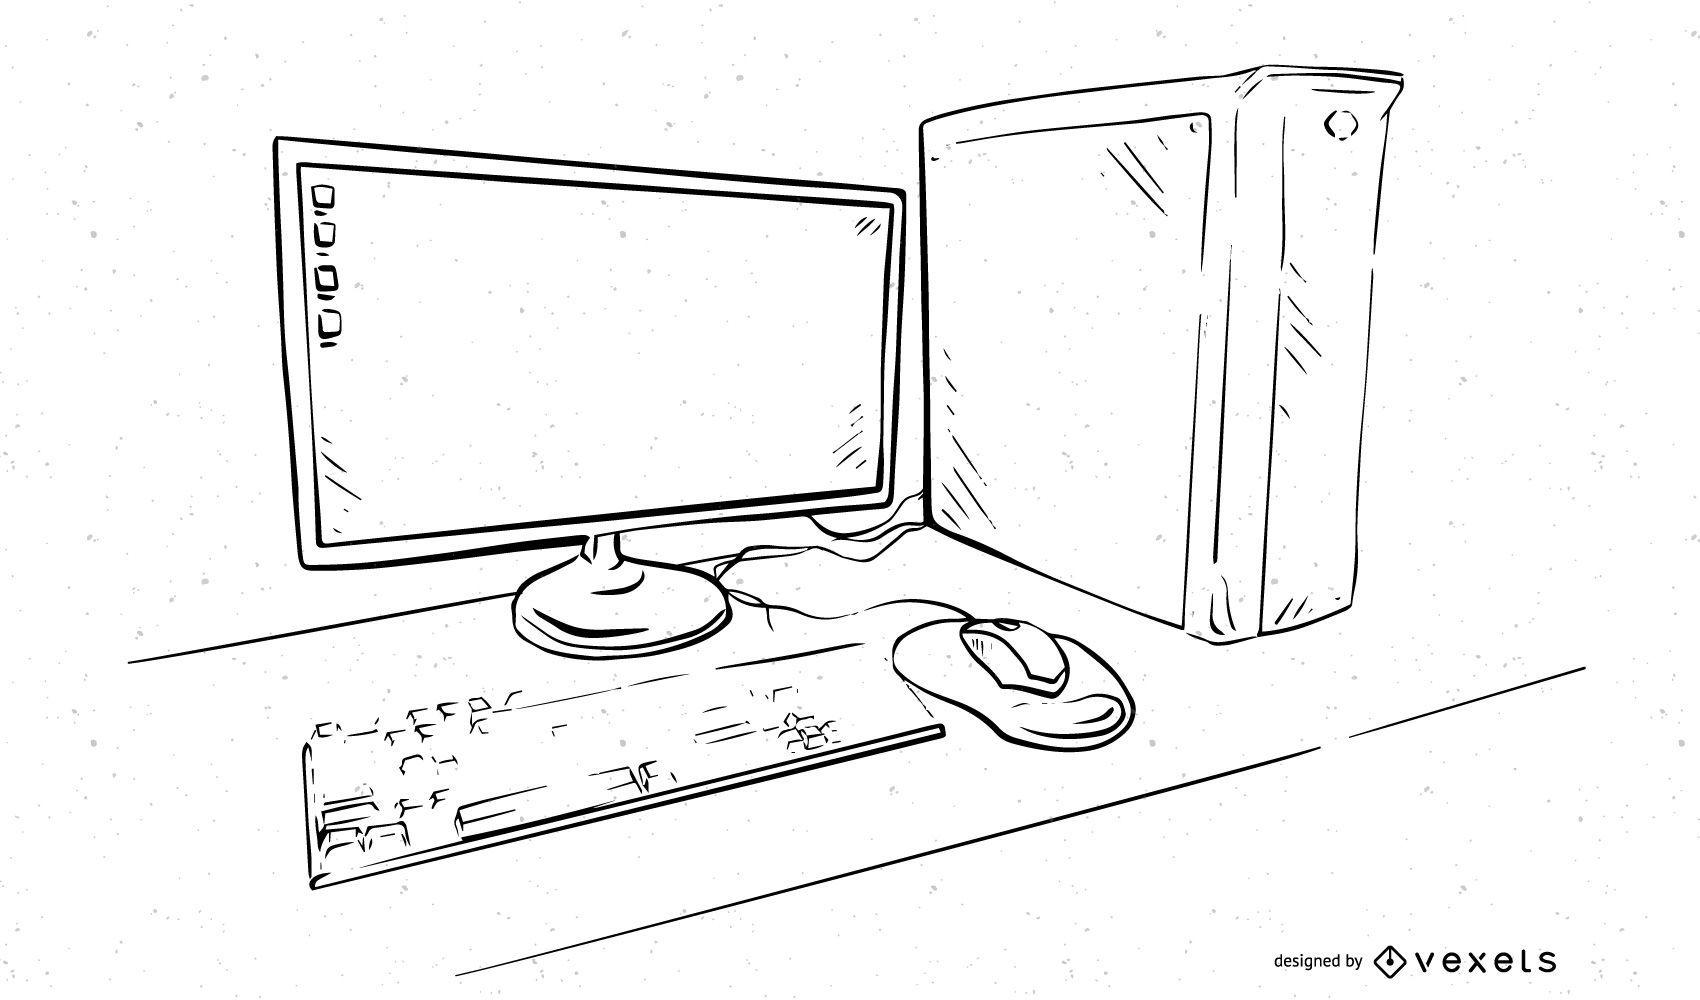 Outlined Black & White Desktop PC